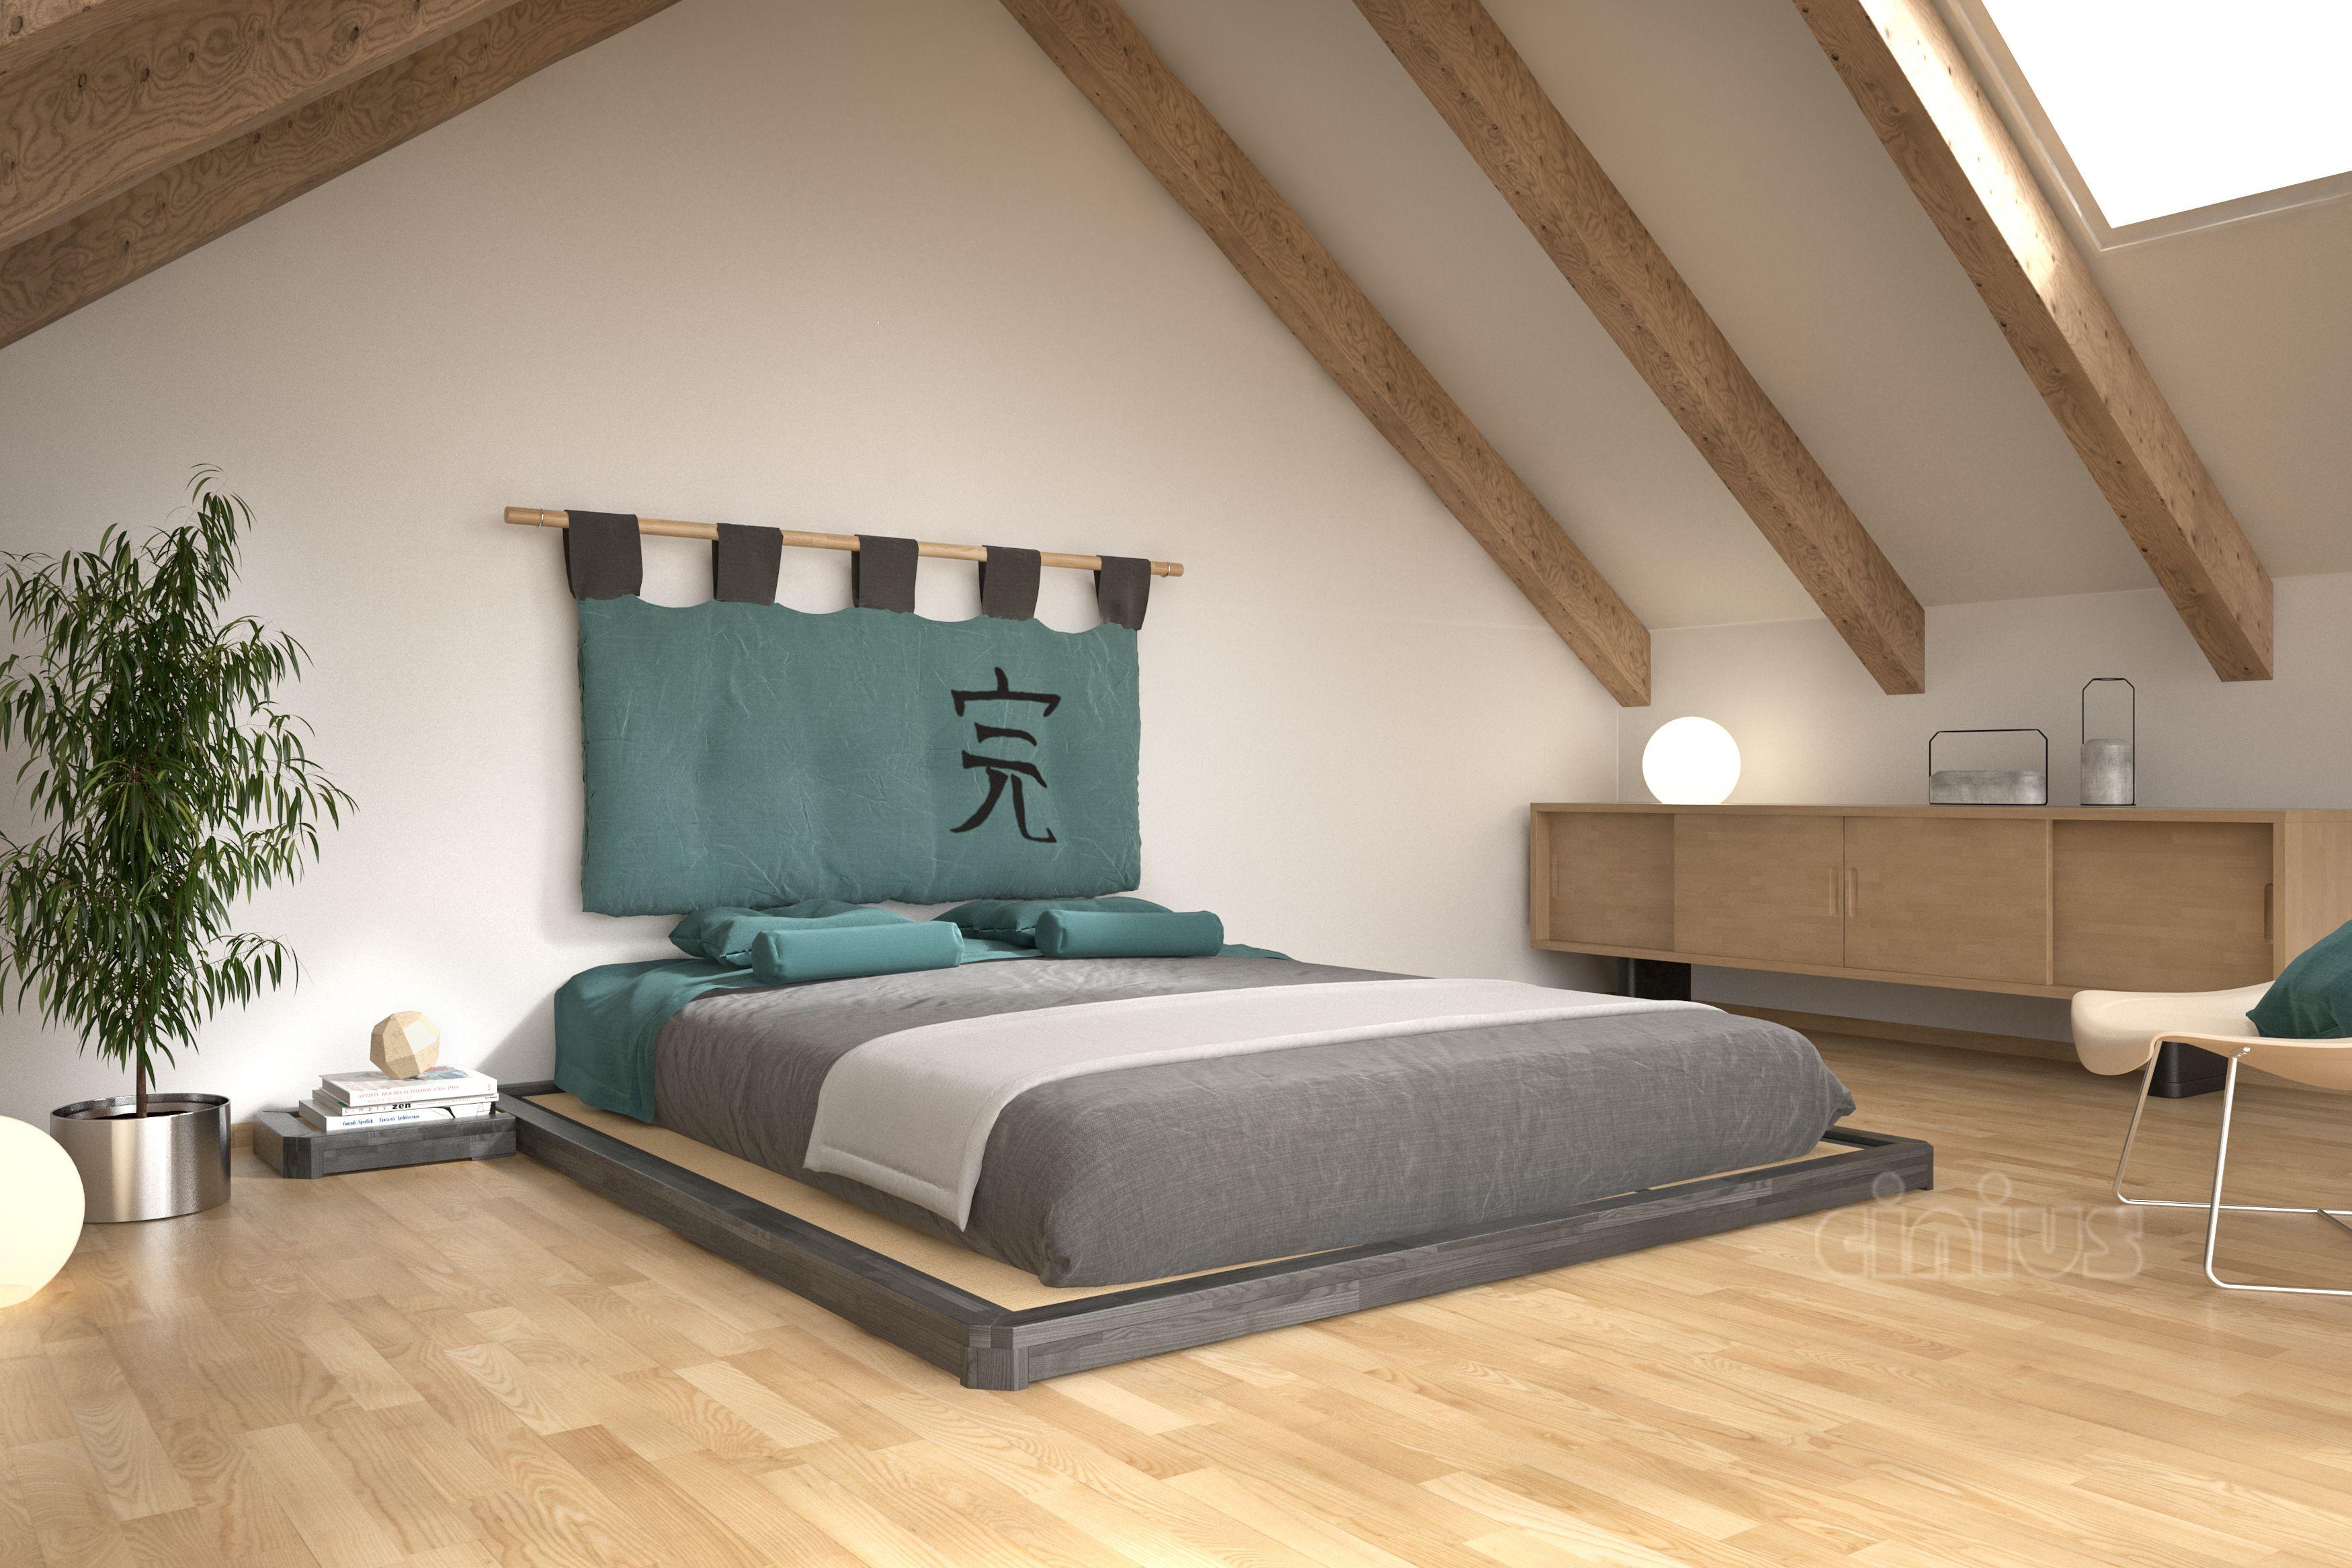 [Letto Dojo] Ideale per chi ama lo stile giapponese, con la sua cornice in legno u2026 camera da